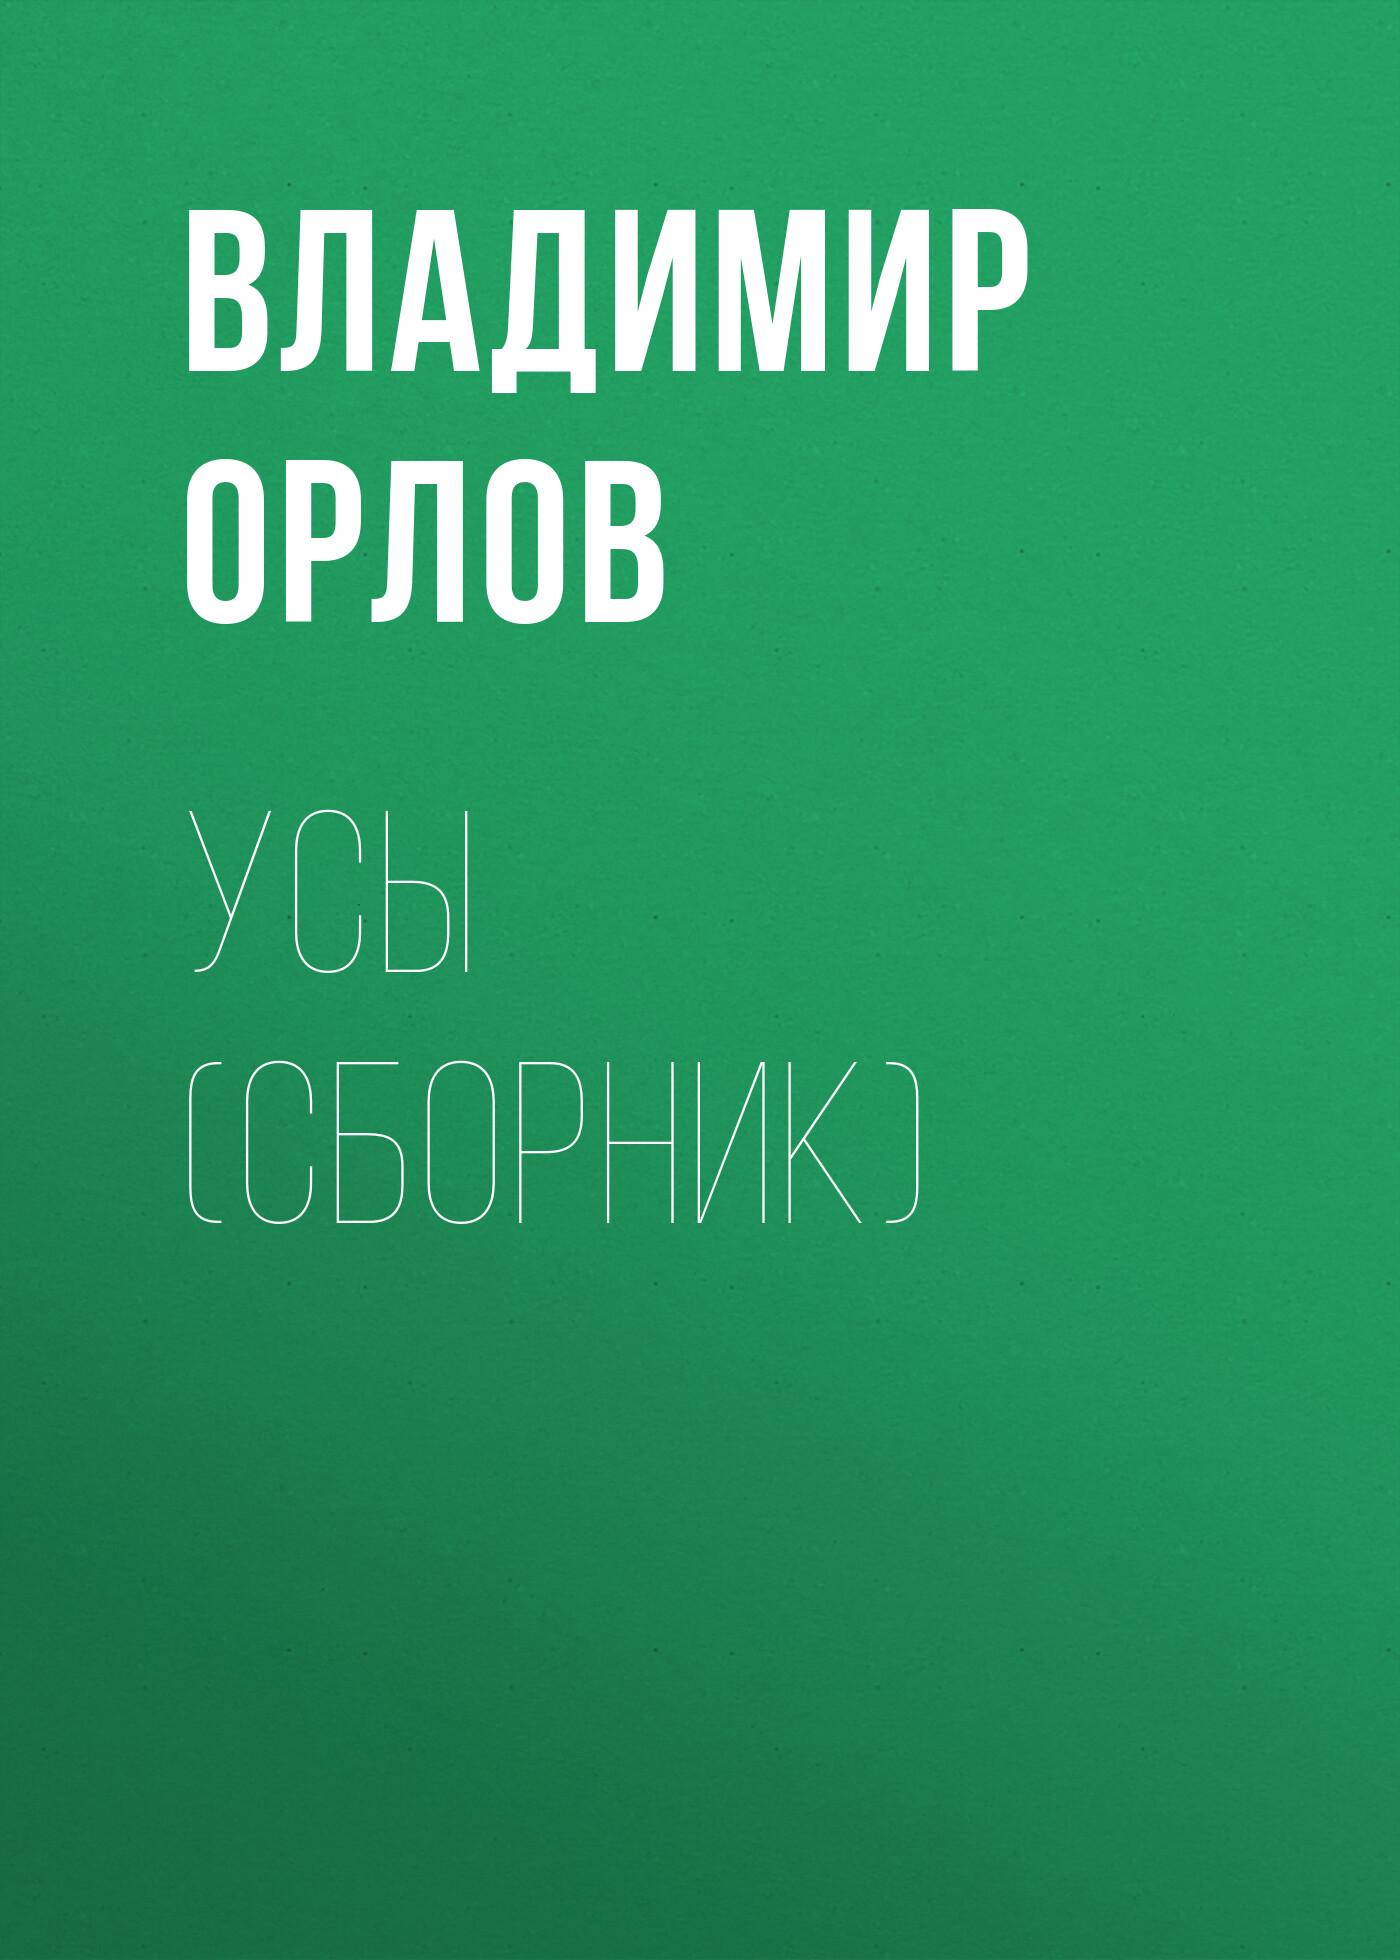 Владимир Орлов «Усы (сборник)»